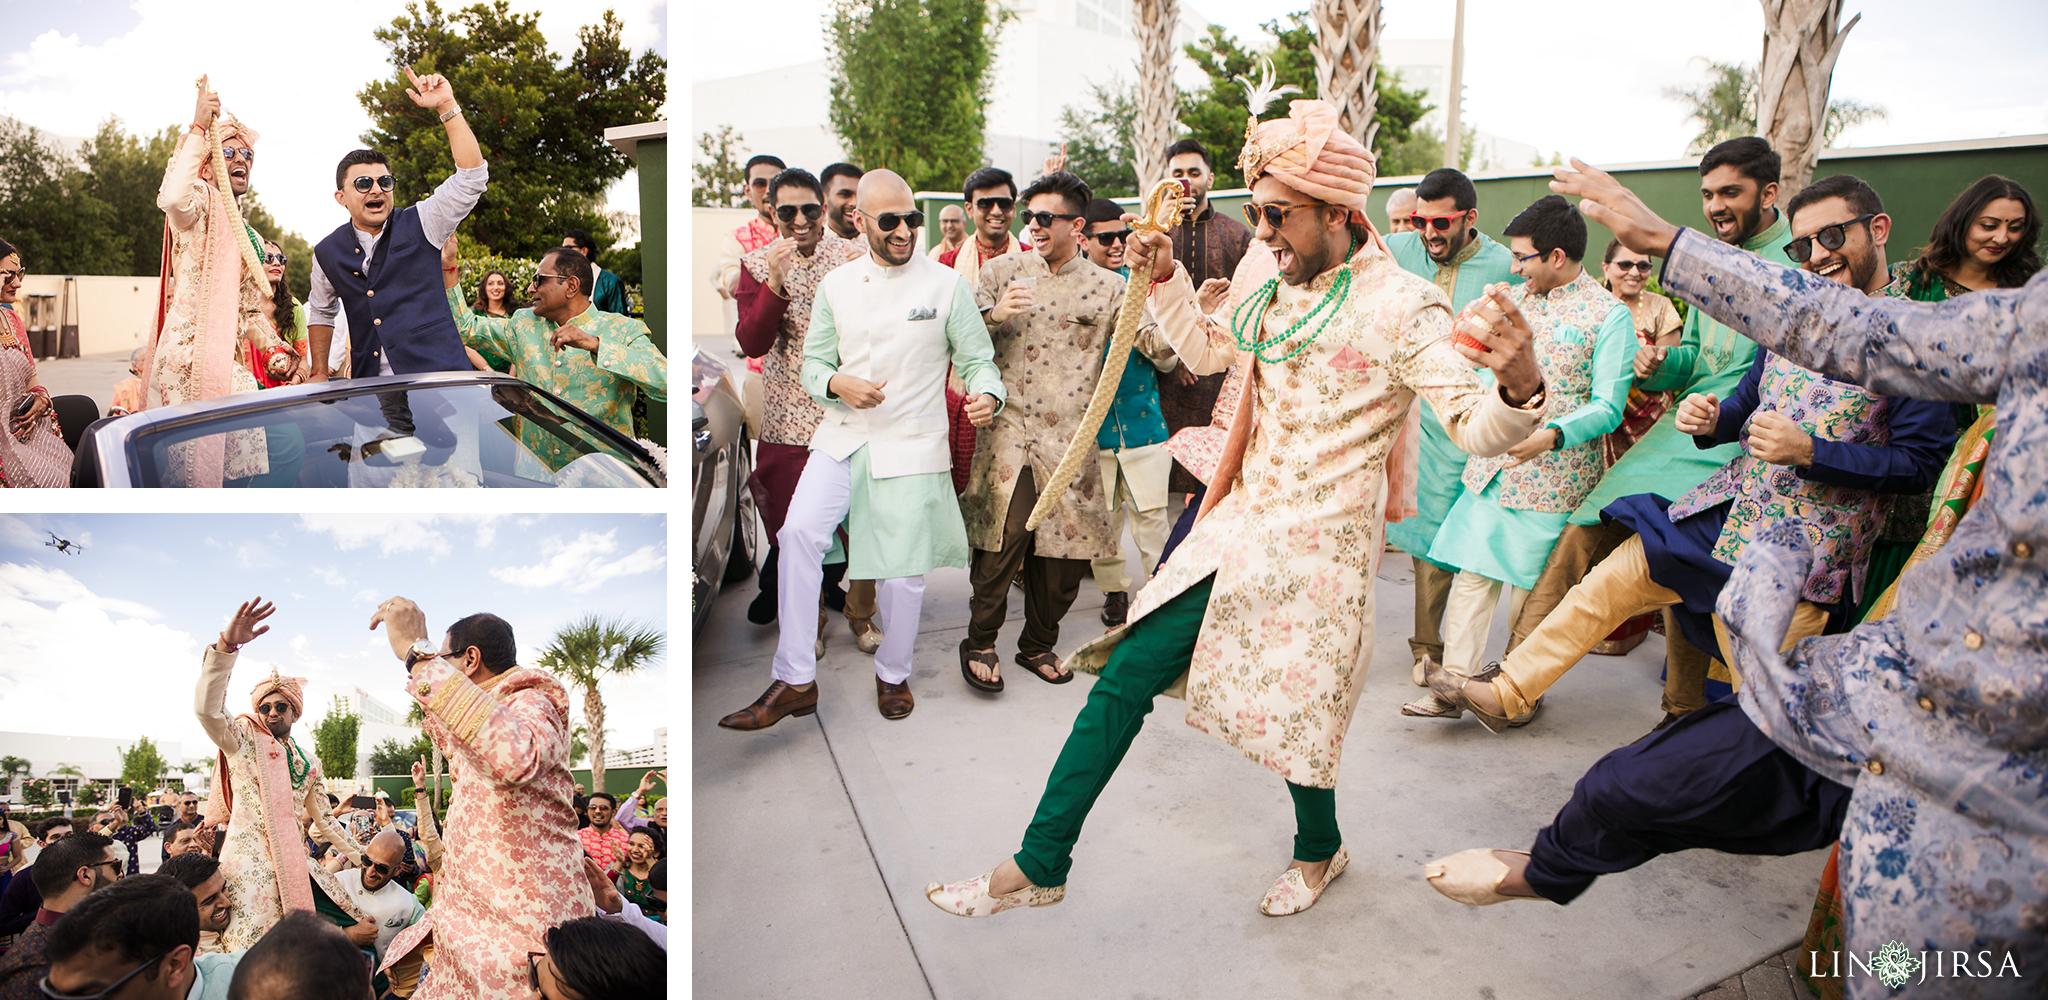 14 The Hilton Orlando Florida Indian Wedding Photography